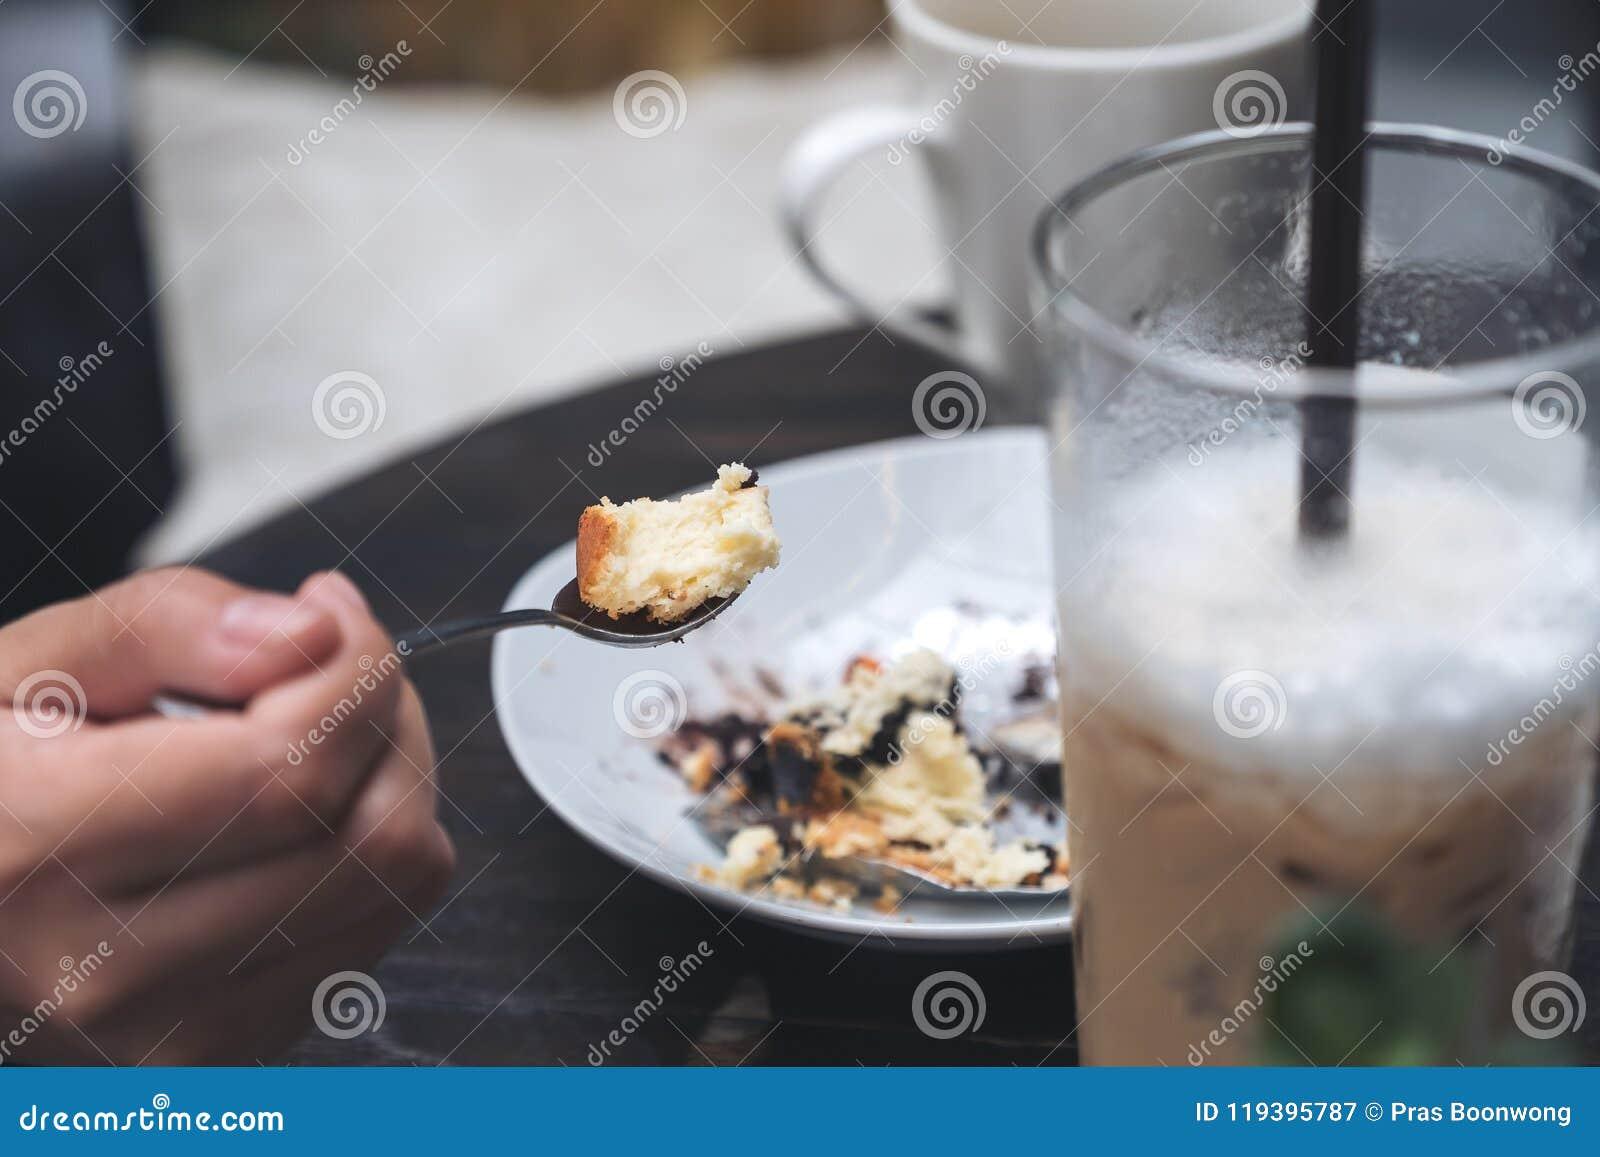 Eine Frau genießen, Käsekuchen und Kaffee im Café zu essen